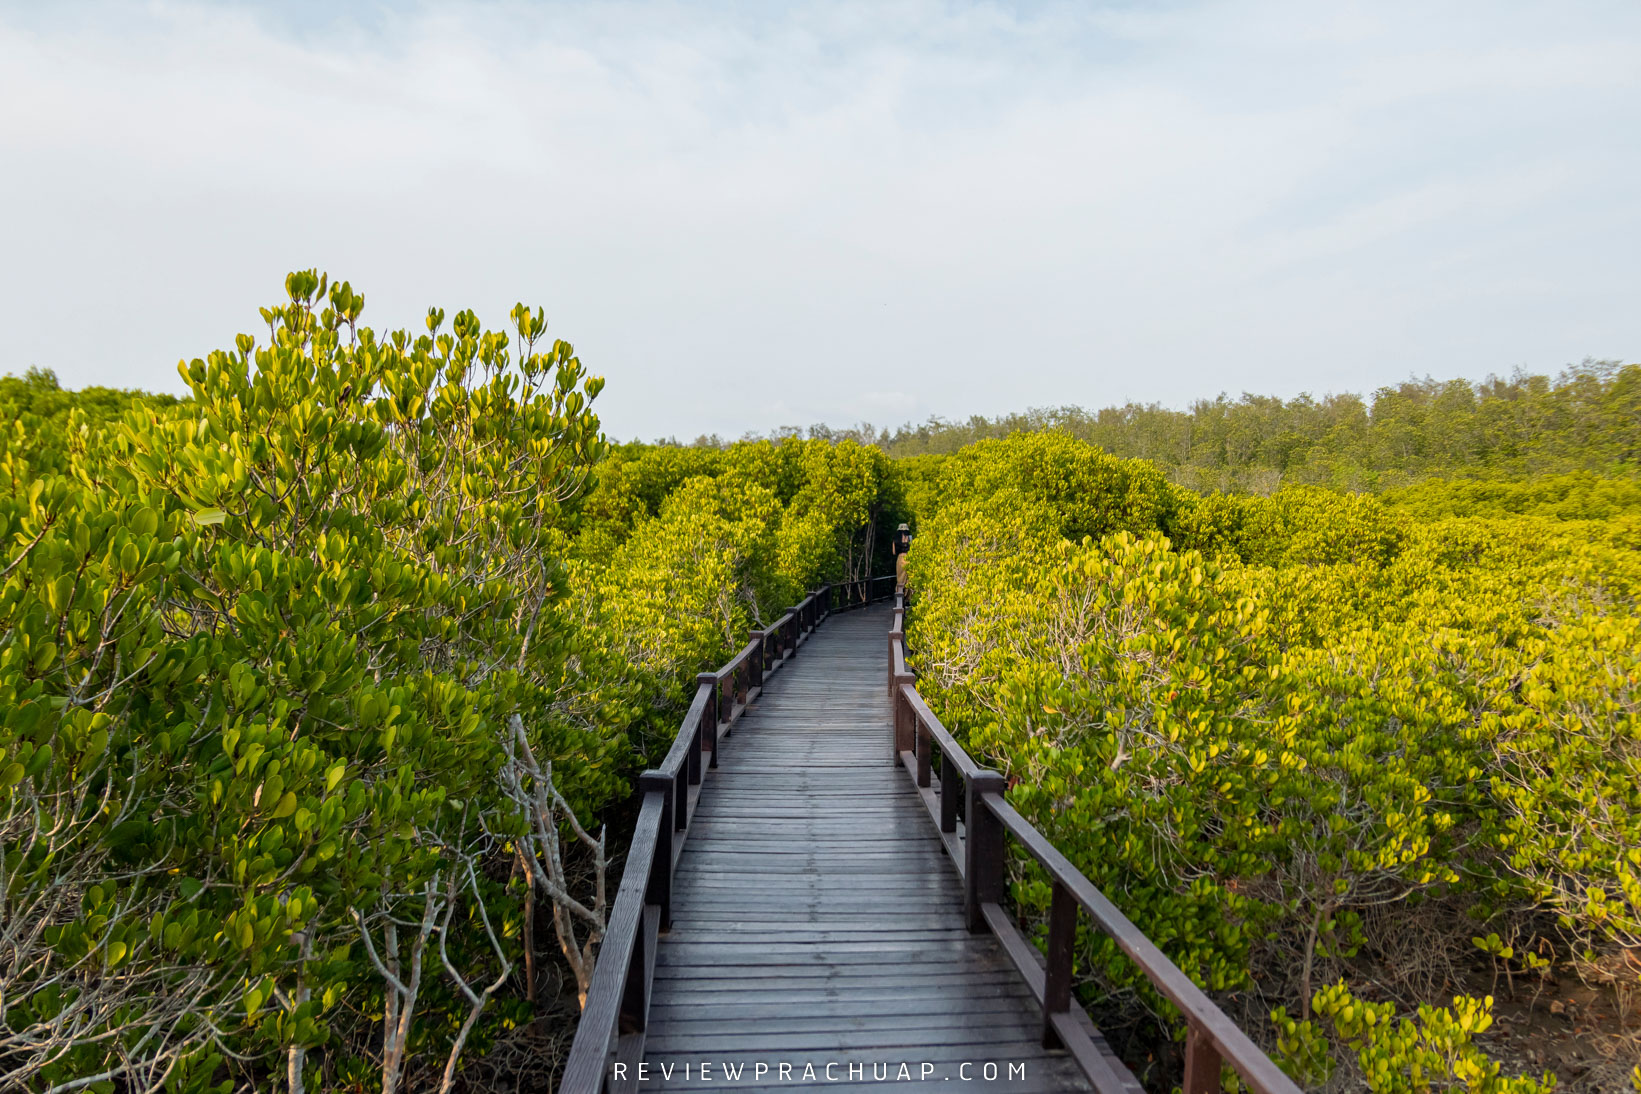 พิกัดปักหมุด วนอุทยานปราณบุรี ให้ธรรมชาติบำบัดคุณกับต้นไม้สุดสายตาลมเย็นๆและต้นไม้หลากหลายพันธุ์